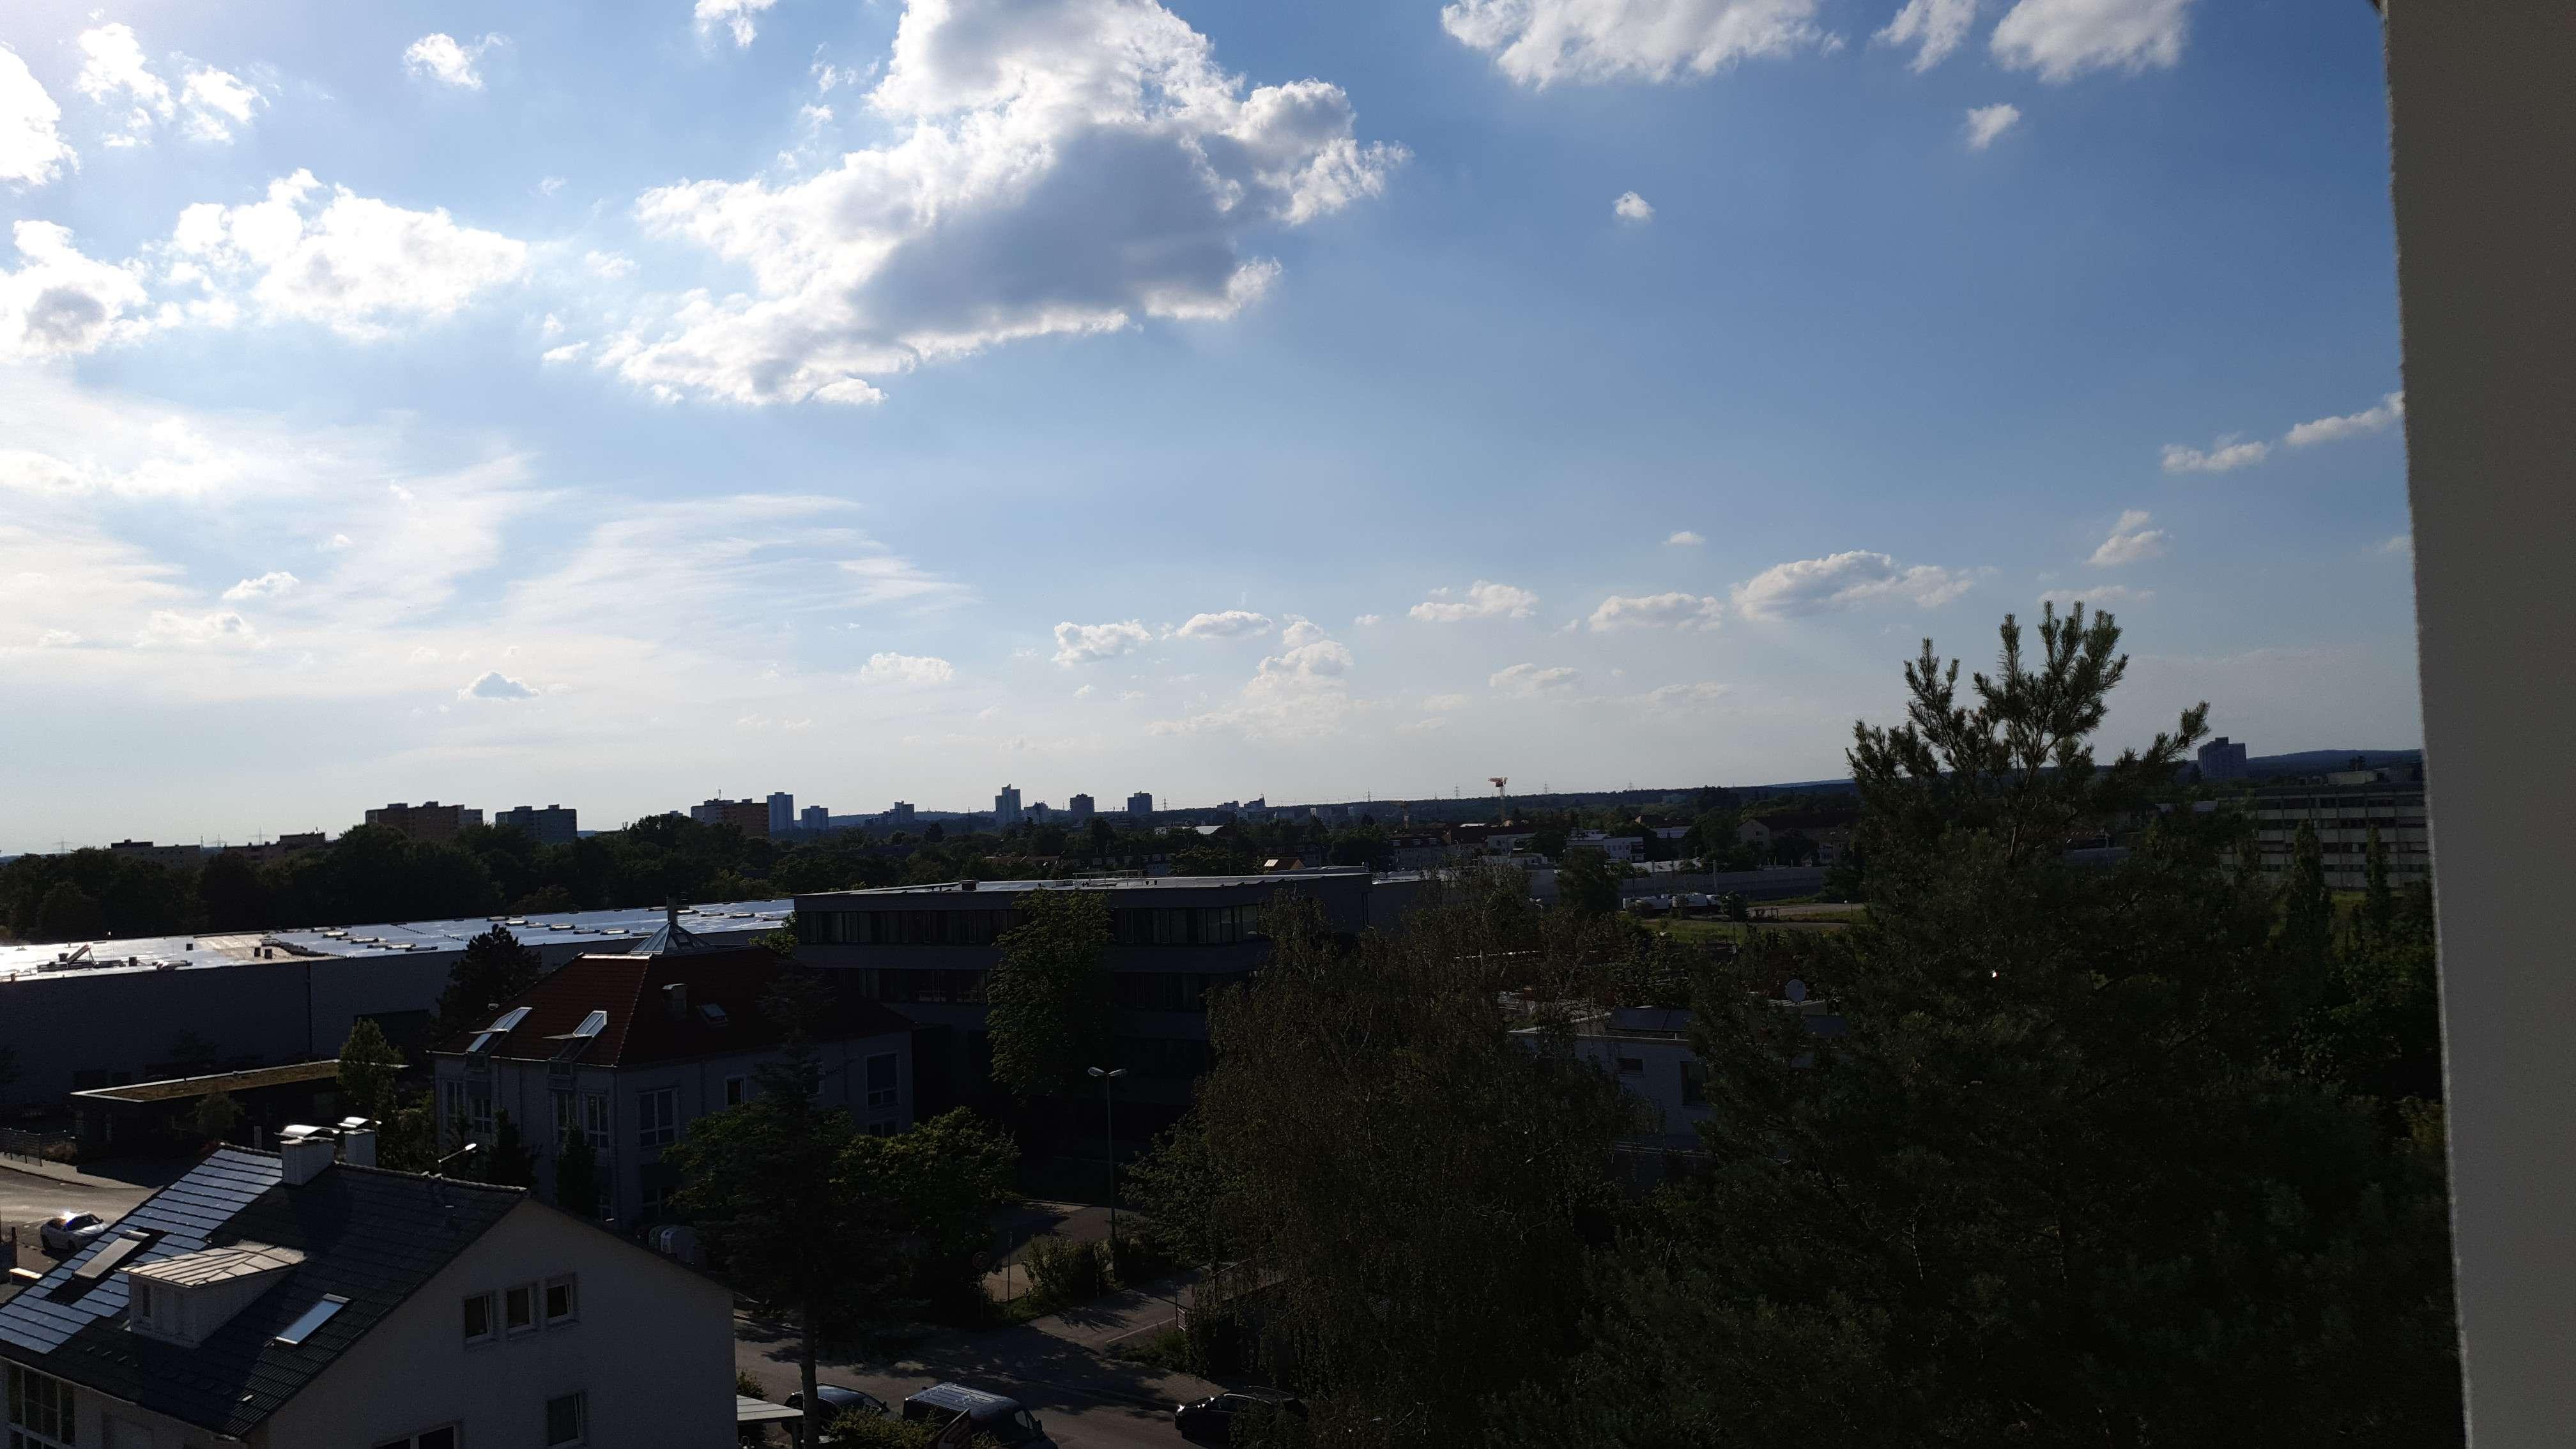 Dachwohnung nähe Siemens Campus mit herrlichem Fernblick in